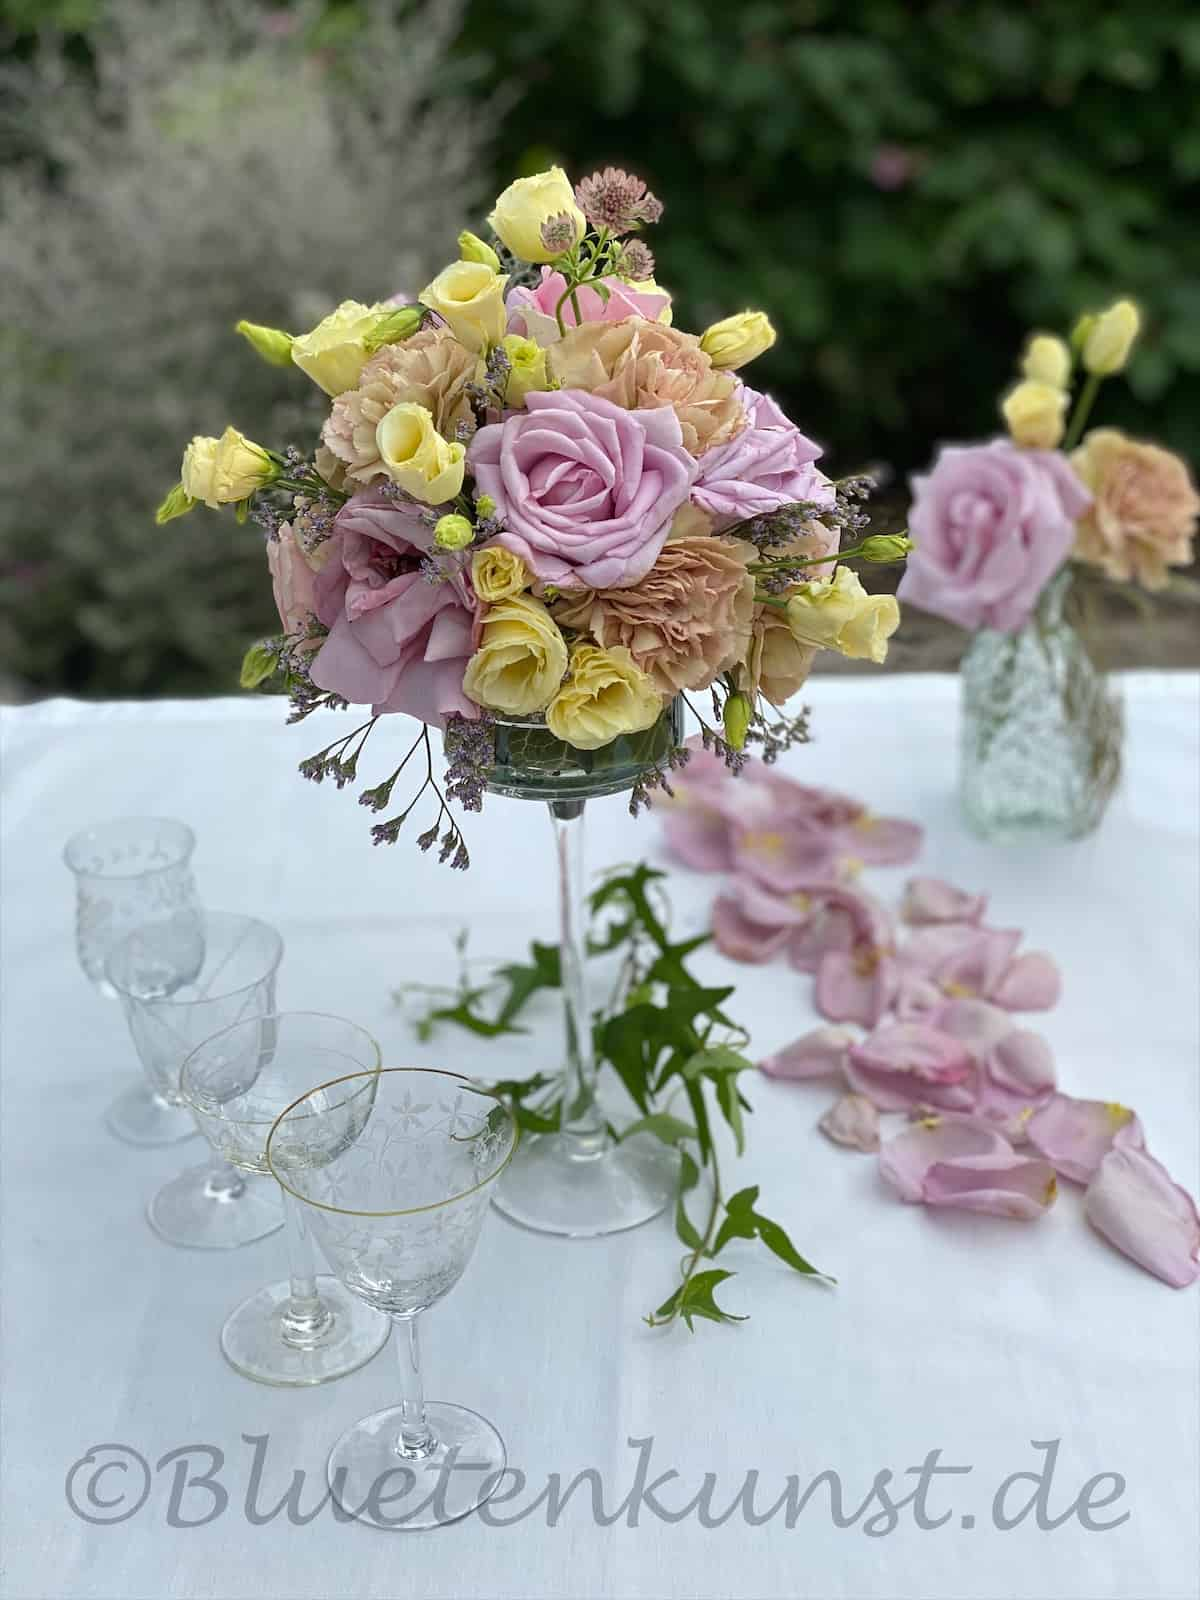 Tischgesteck Rosenkugel lila und pinkfarbene Rosen mit Nelken und Lisianthus für Hochzeit in Kirche Pörnbach